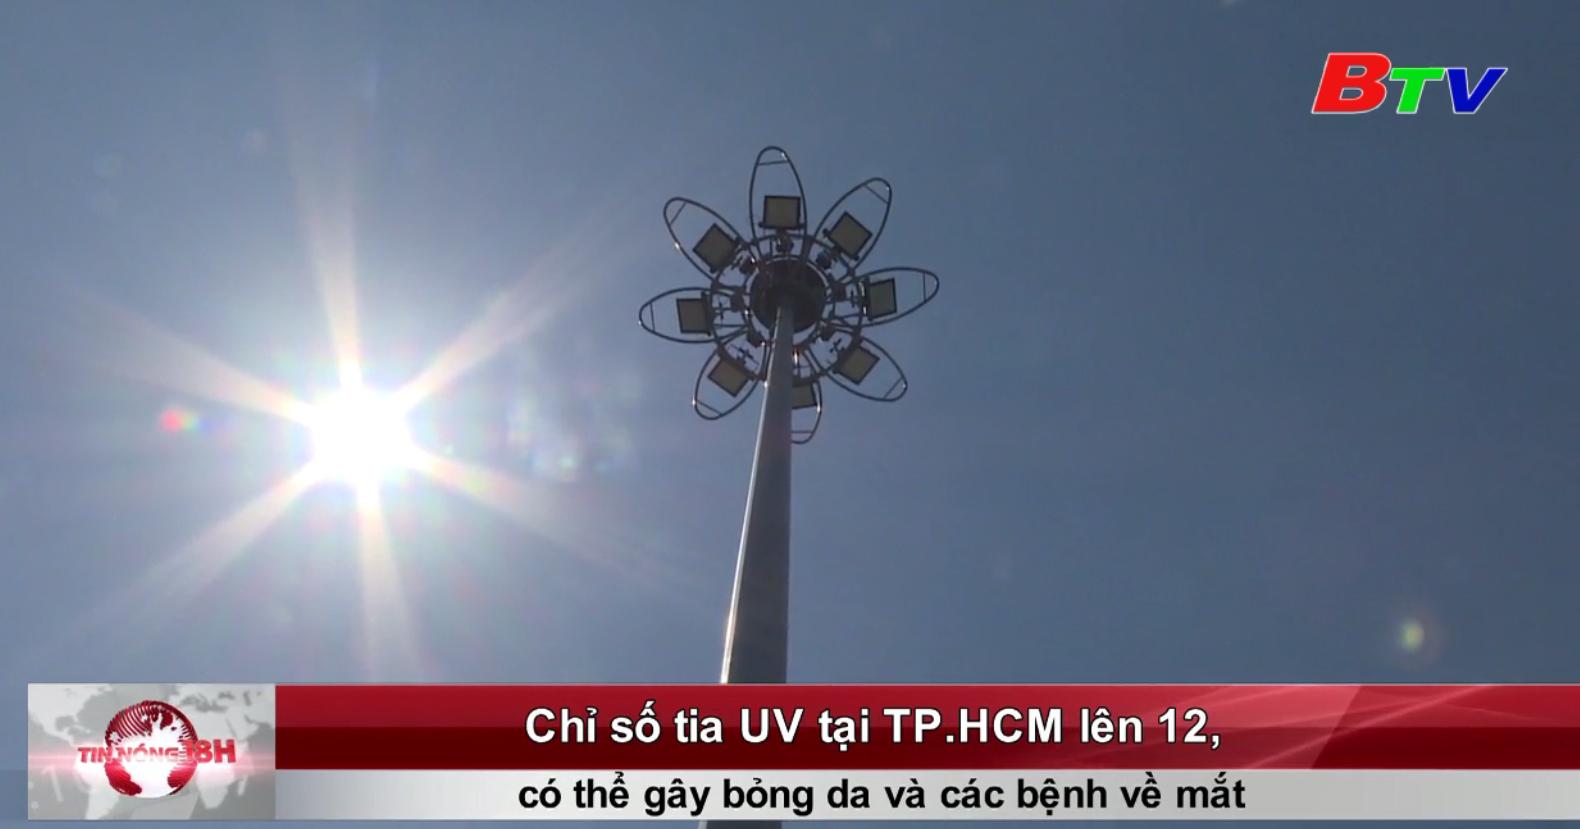 Chỉ số tia UV tại TP.HCM lên 12, có thể gây bỏng da và các bệnh về mắt